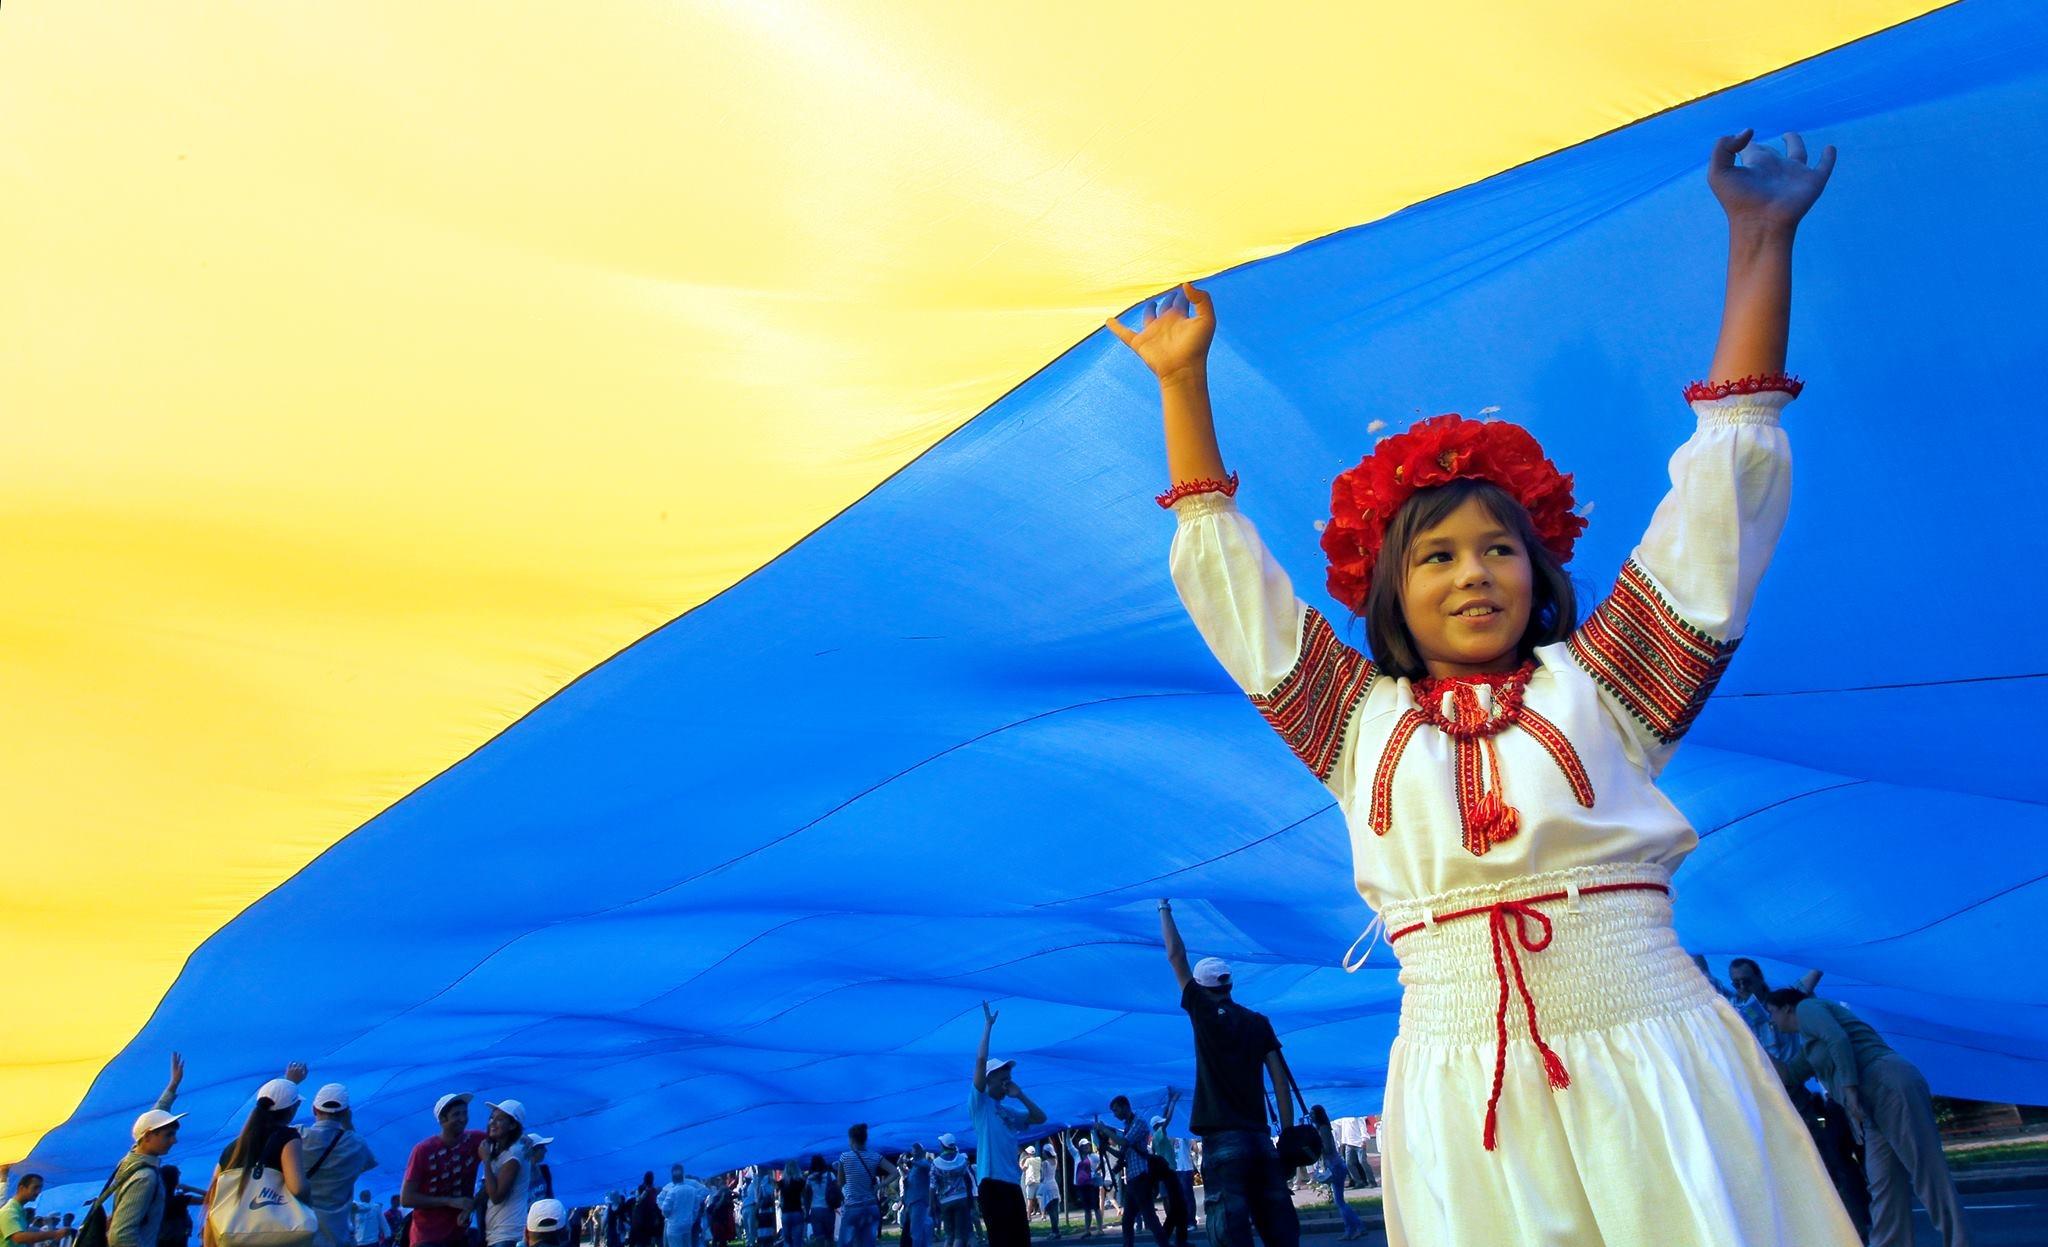 ukraincy-kak-naciya-chastnyy-socionicheskiy-vzglyad-neravnodushnogo-grazhdanina-3